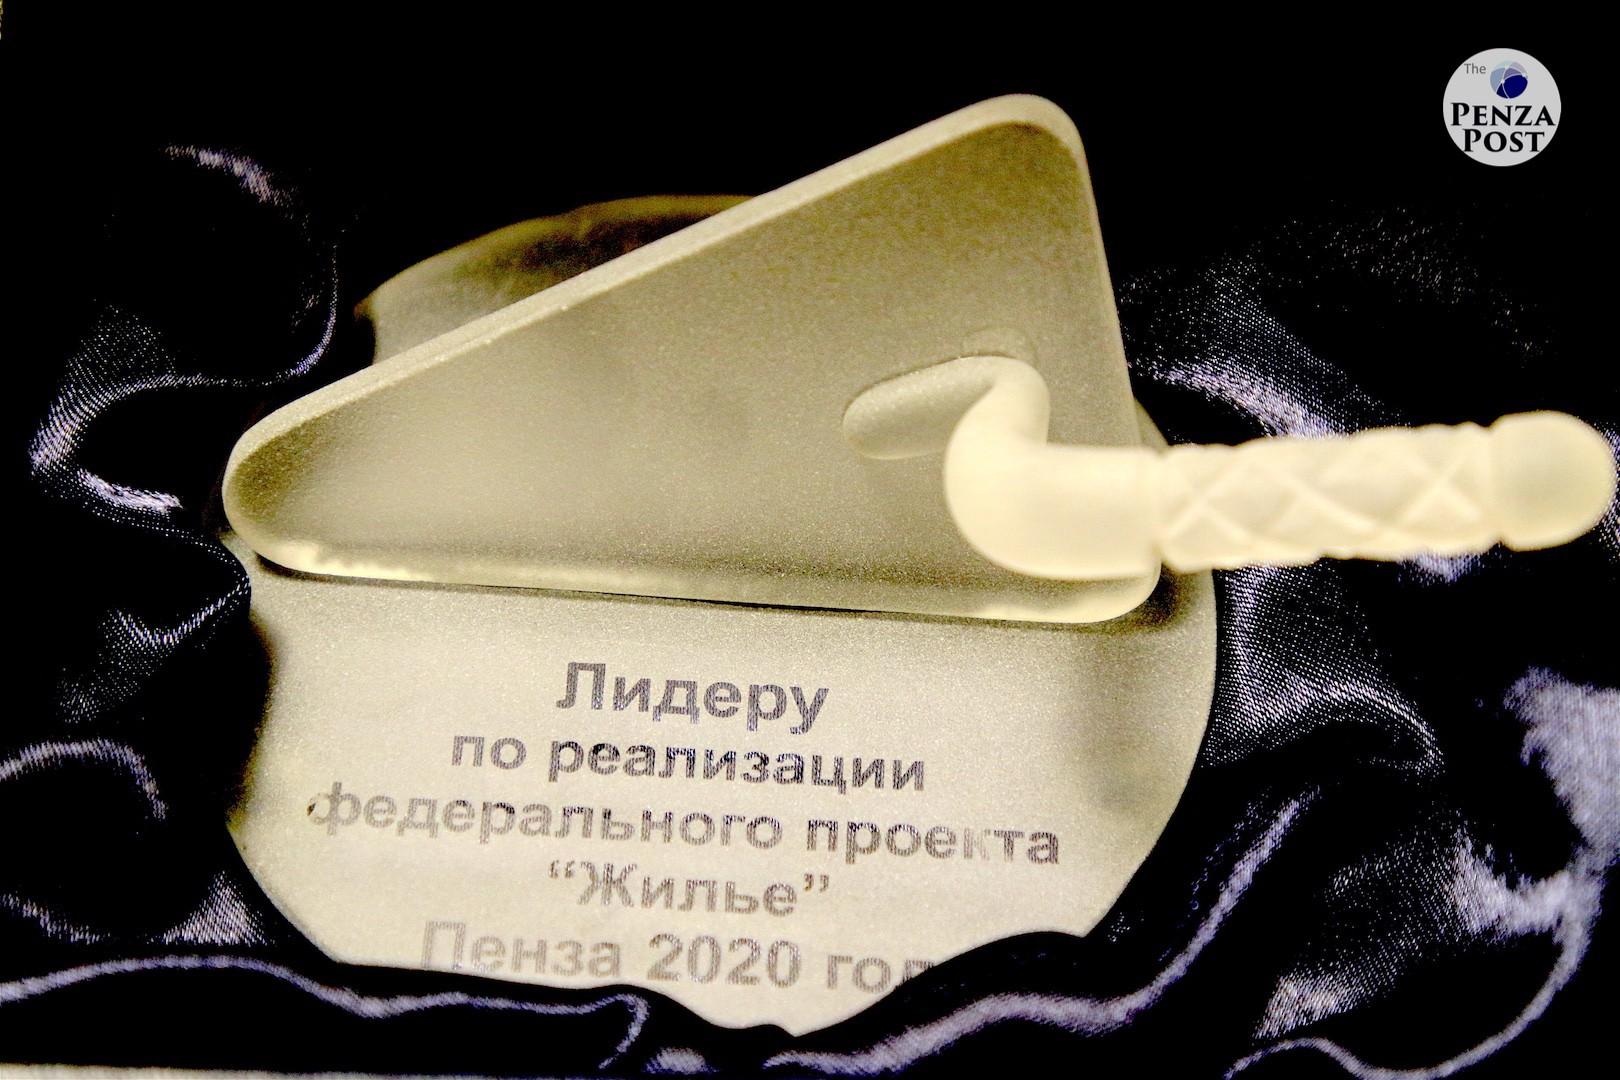 СМИ депутата Олега Кочеткова обнародовало бренд застройщика, квартиры которого - самый выгодный вариант вложения капиталов в Пензе в кризис